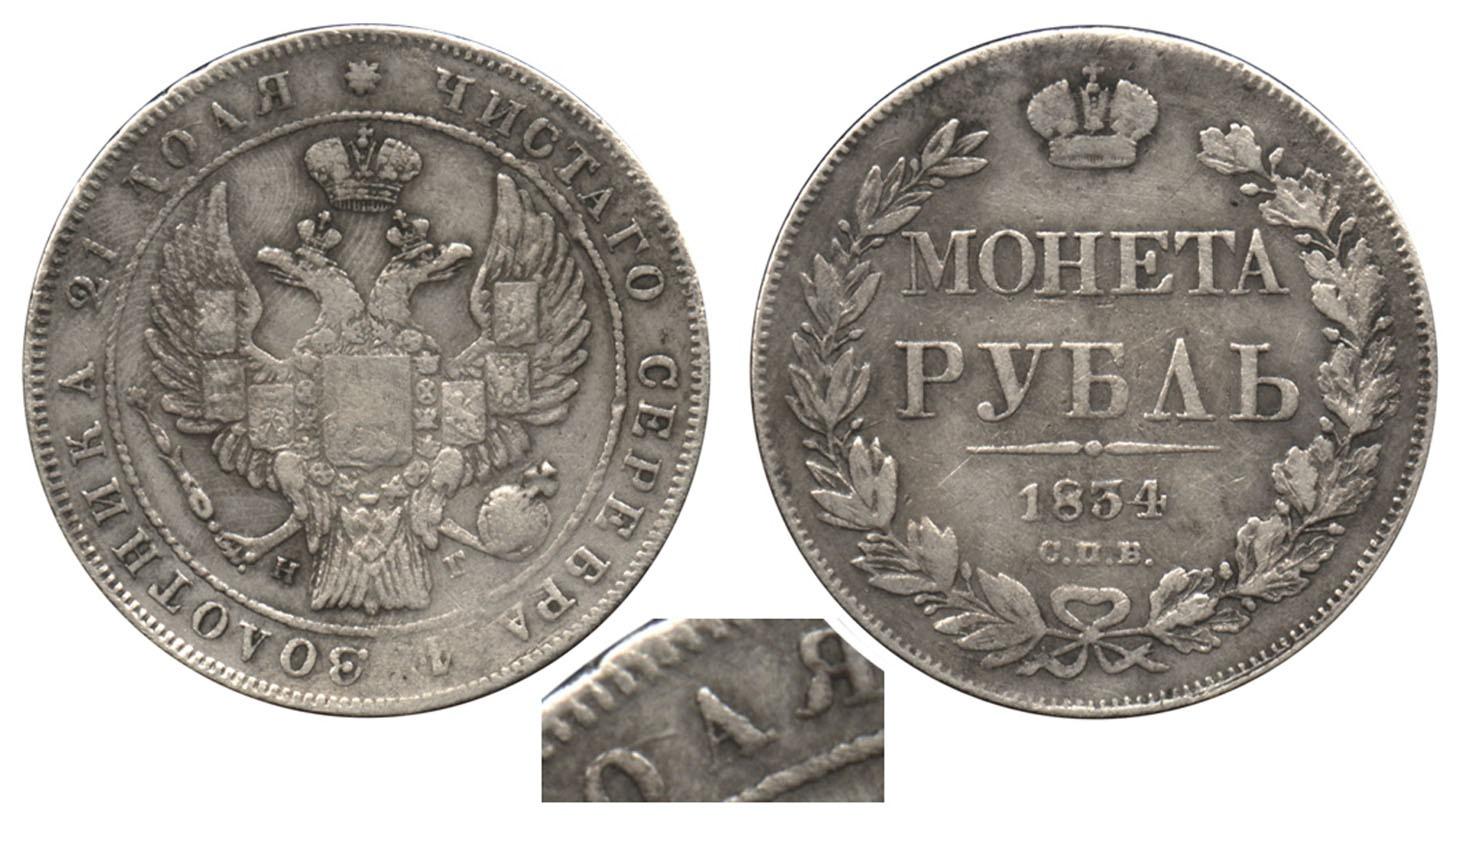 Рубль 1834 СПБ-НГ Iа А - венок тип 1832.jpg